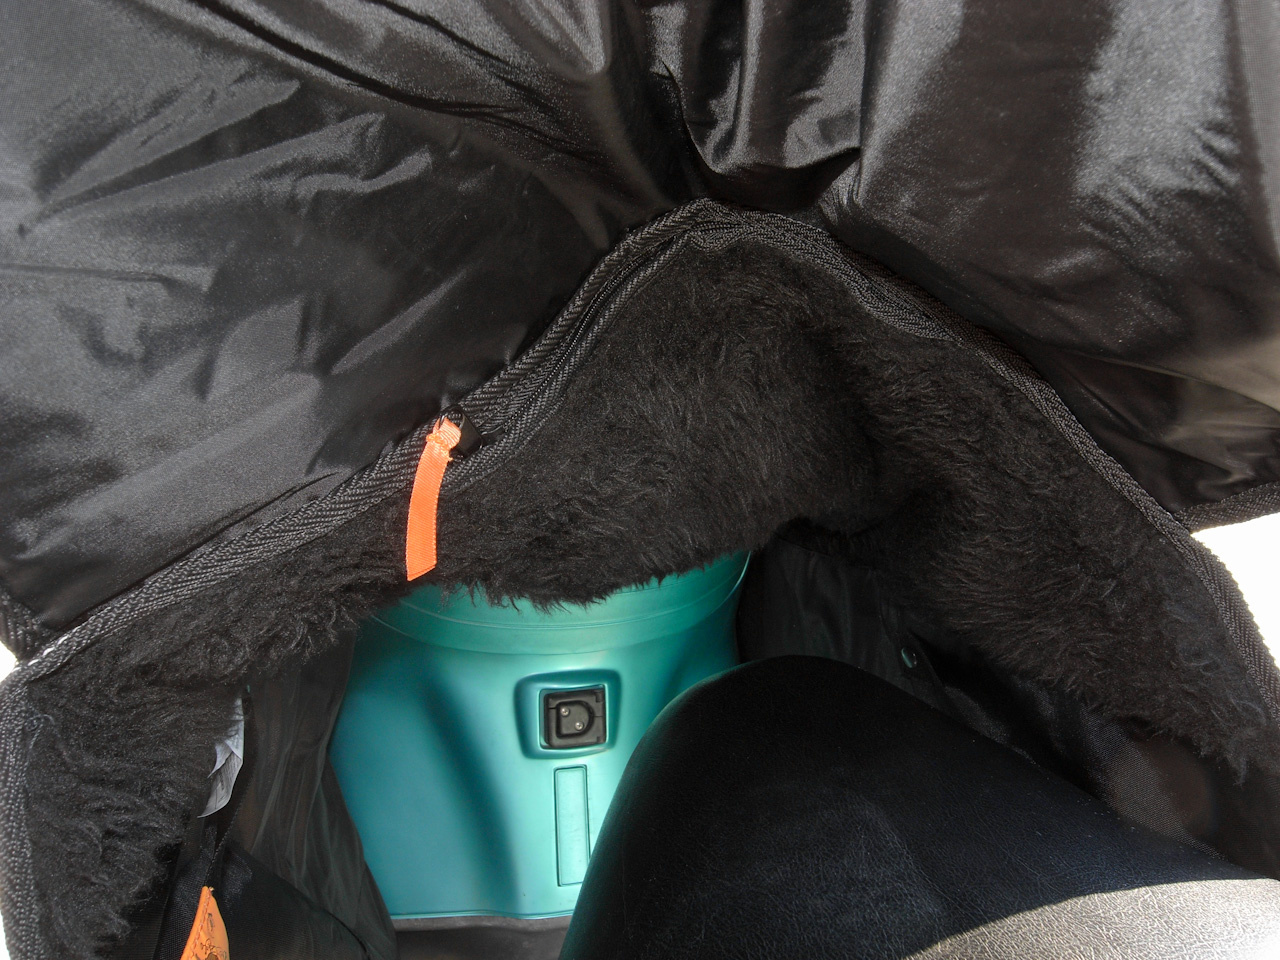 Hazaútra felkészítve a Kangoo gyomrában